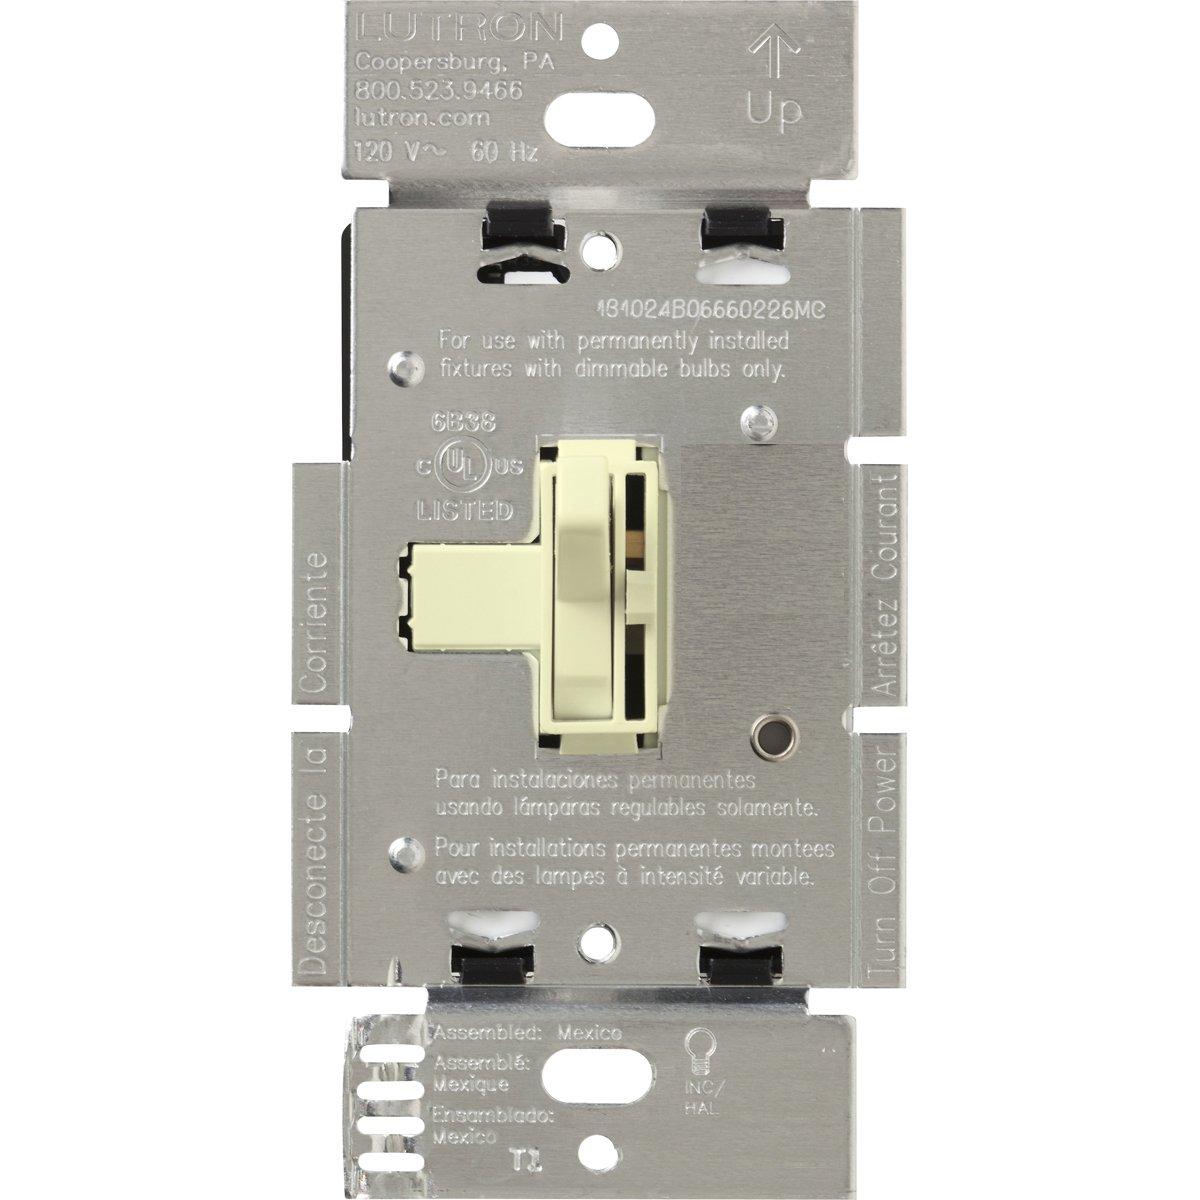 Lutron Ariadni 450-watt 3ウェイ磁気低電圧ディマースイッチ AYLV-603P-AL 1 B000MAUMO2 アーモンド アーモンド